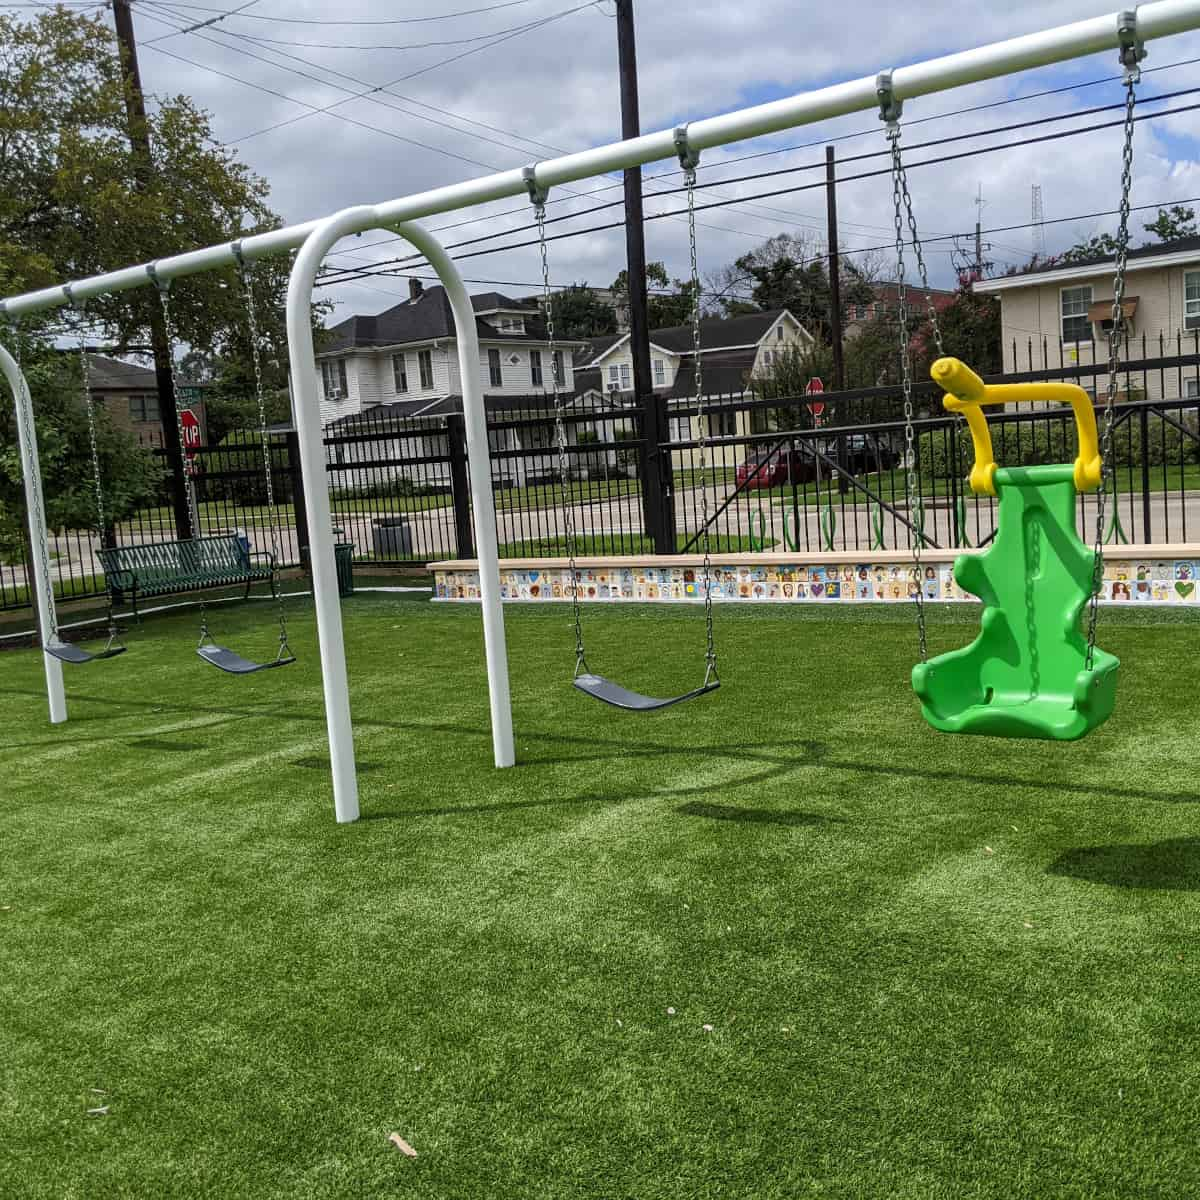 Arabic Immersion School Spark Park Swings